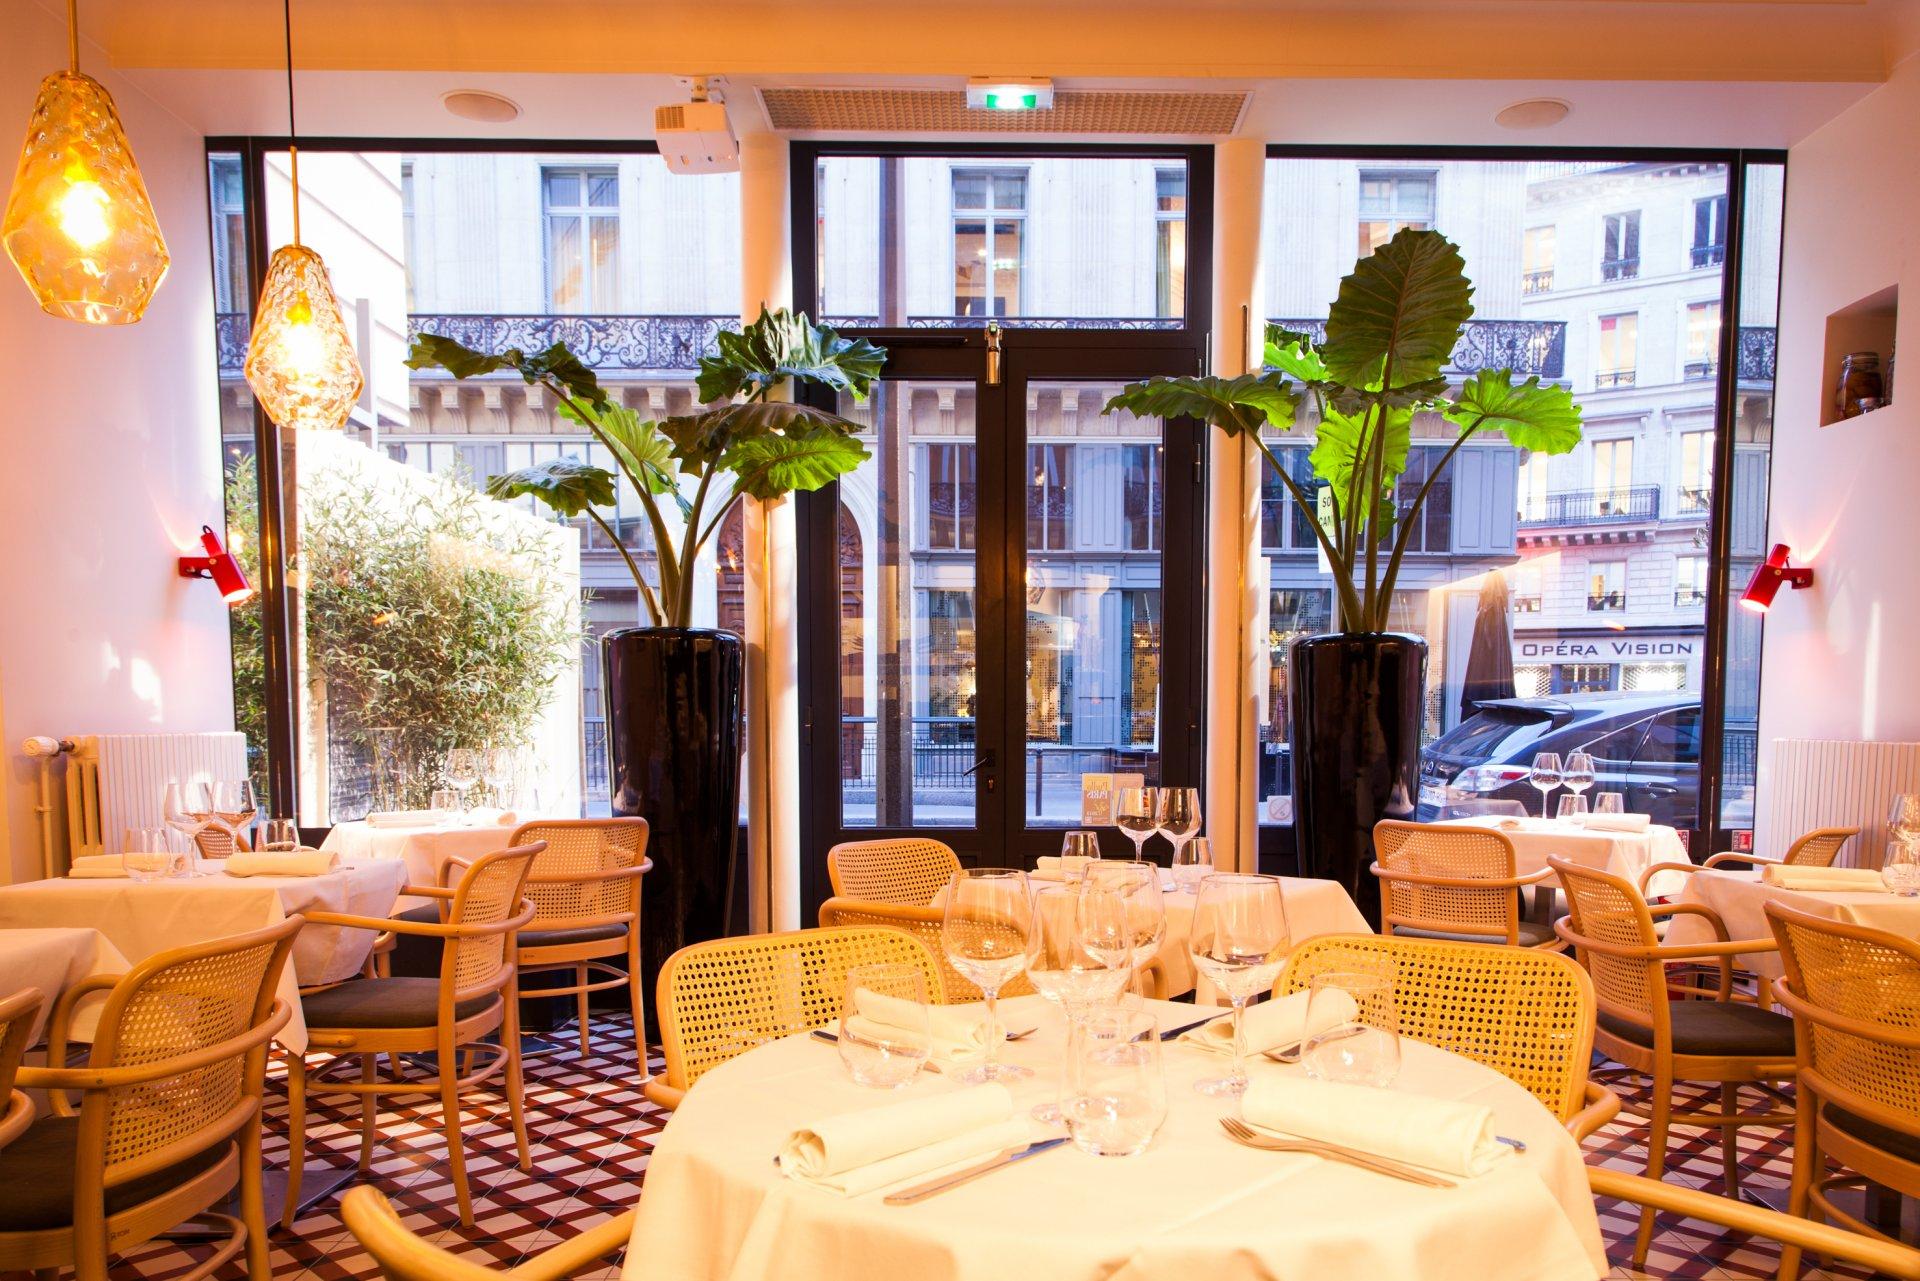 Repas d'entreprise dans un lieu artistique à proximité de l'Opéra Garnier restaurant groupe Paris 9